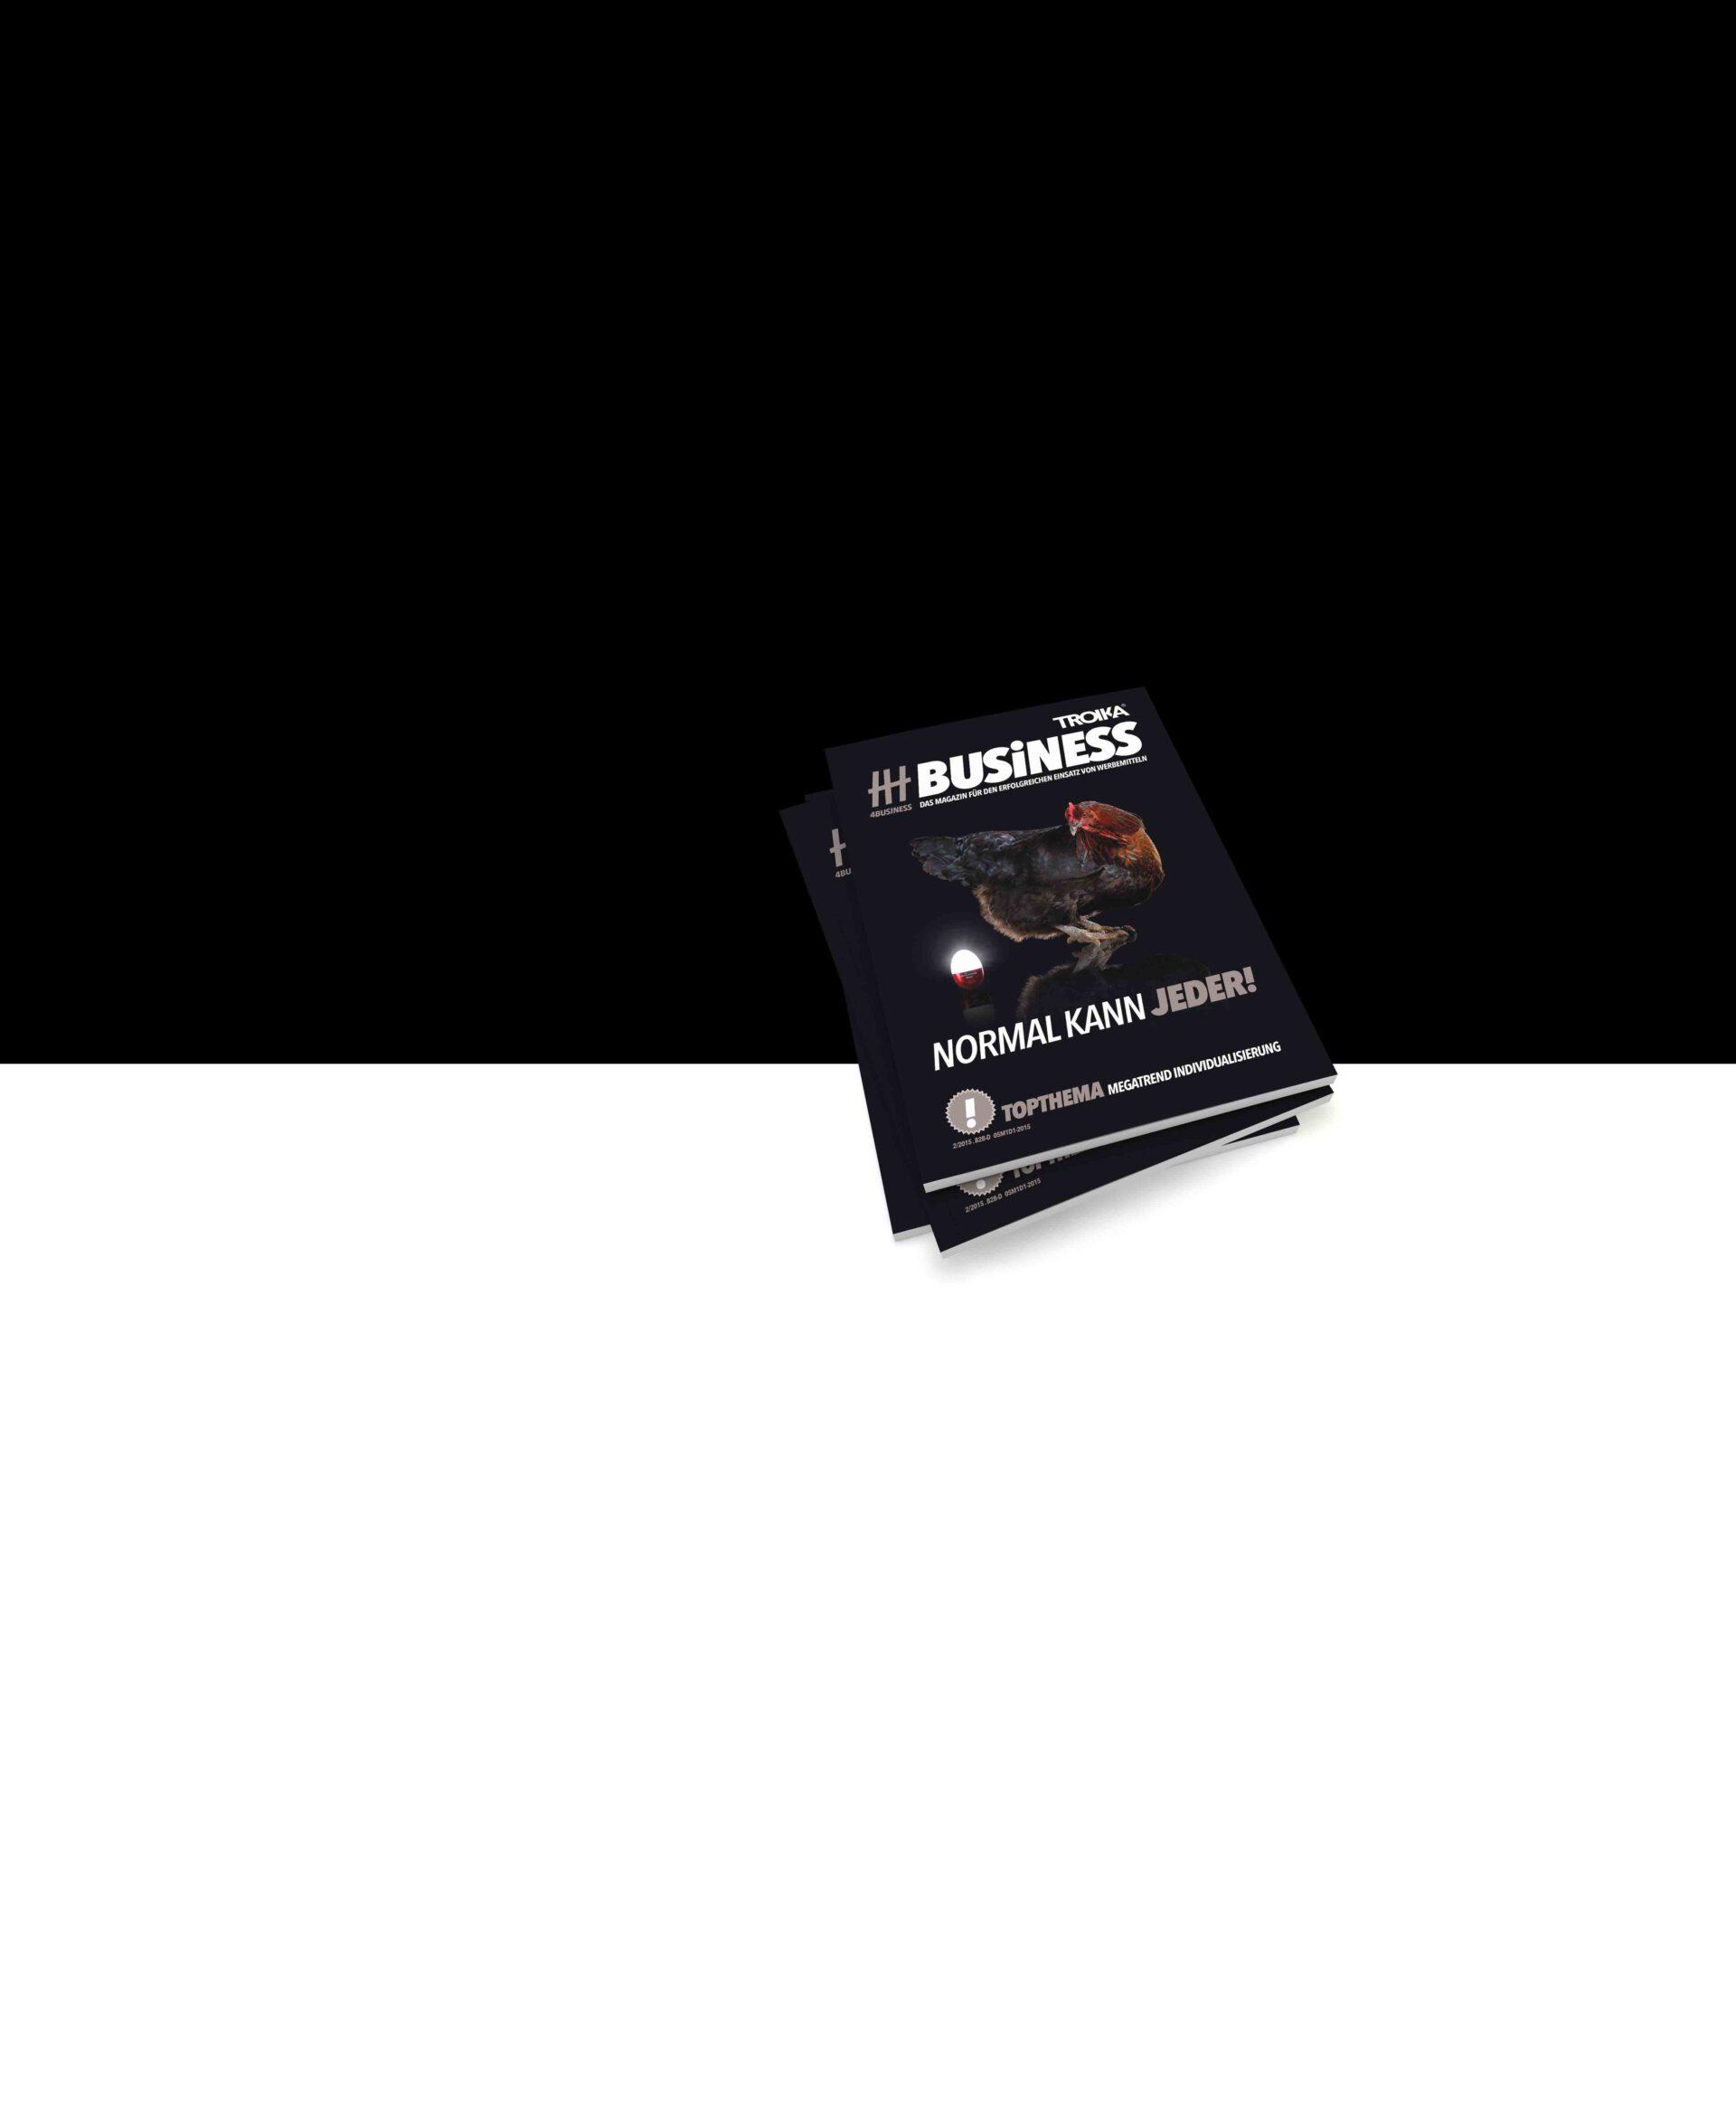 4Business - Magazon für Werbemittel